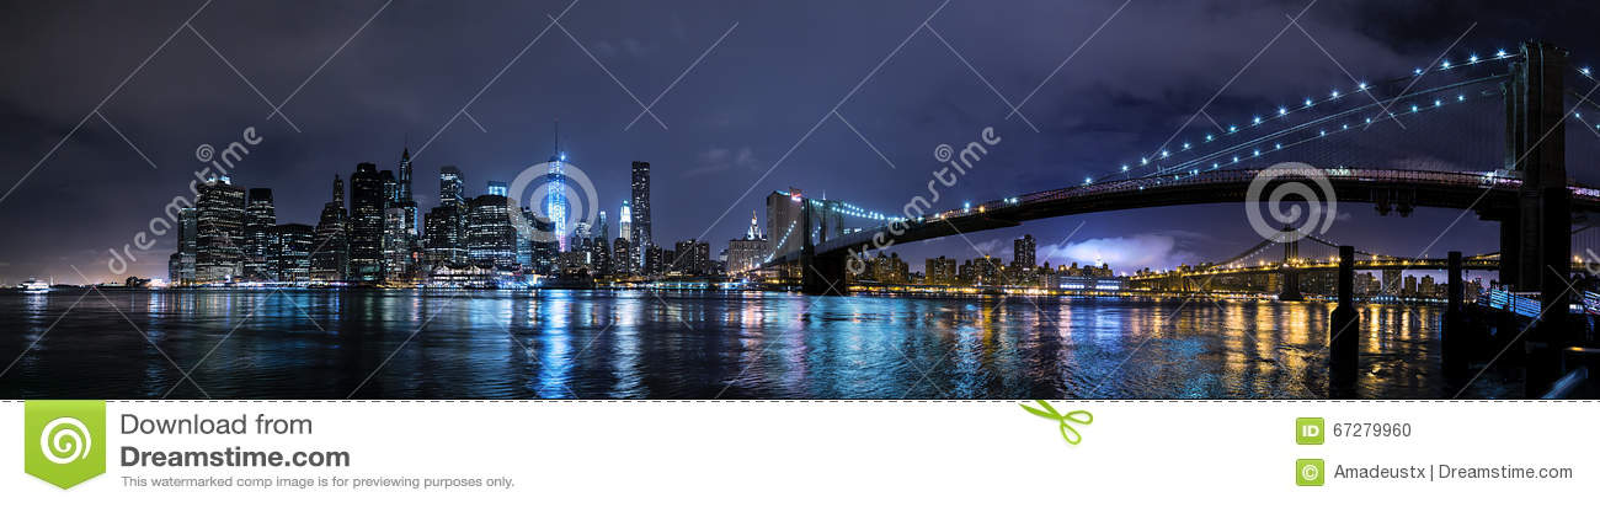 Miasto Nowy Jork, NY/USA - około Lipiec 2015: Panorama most brooklyński i lower manhattan nocą